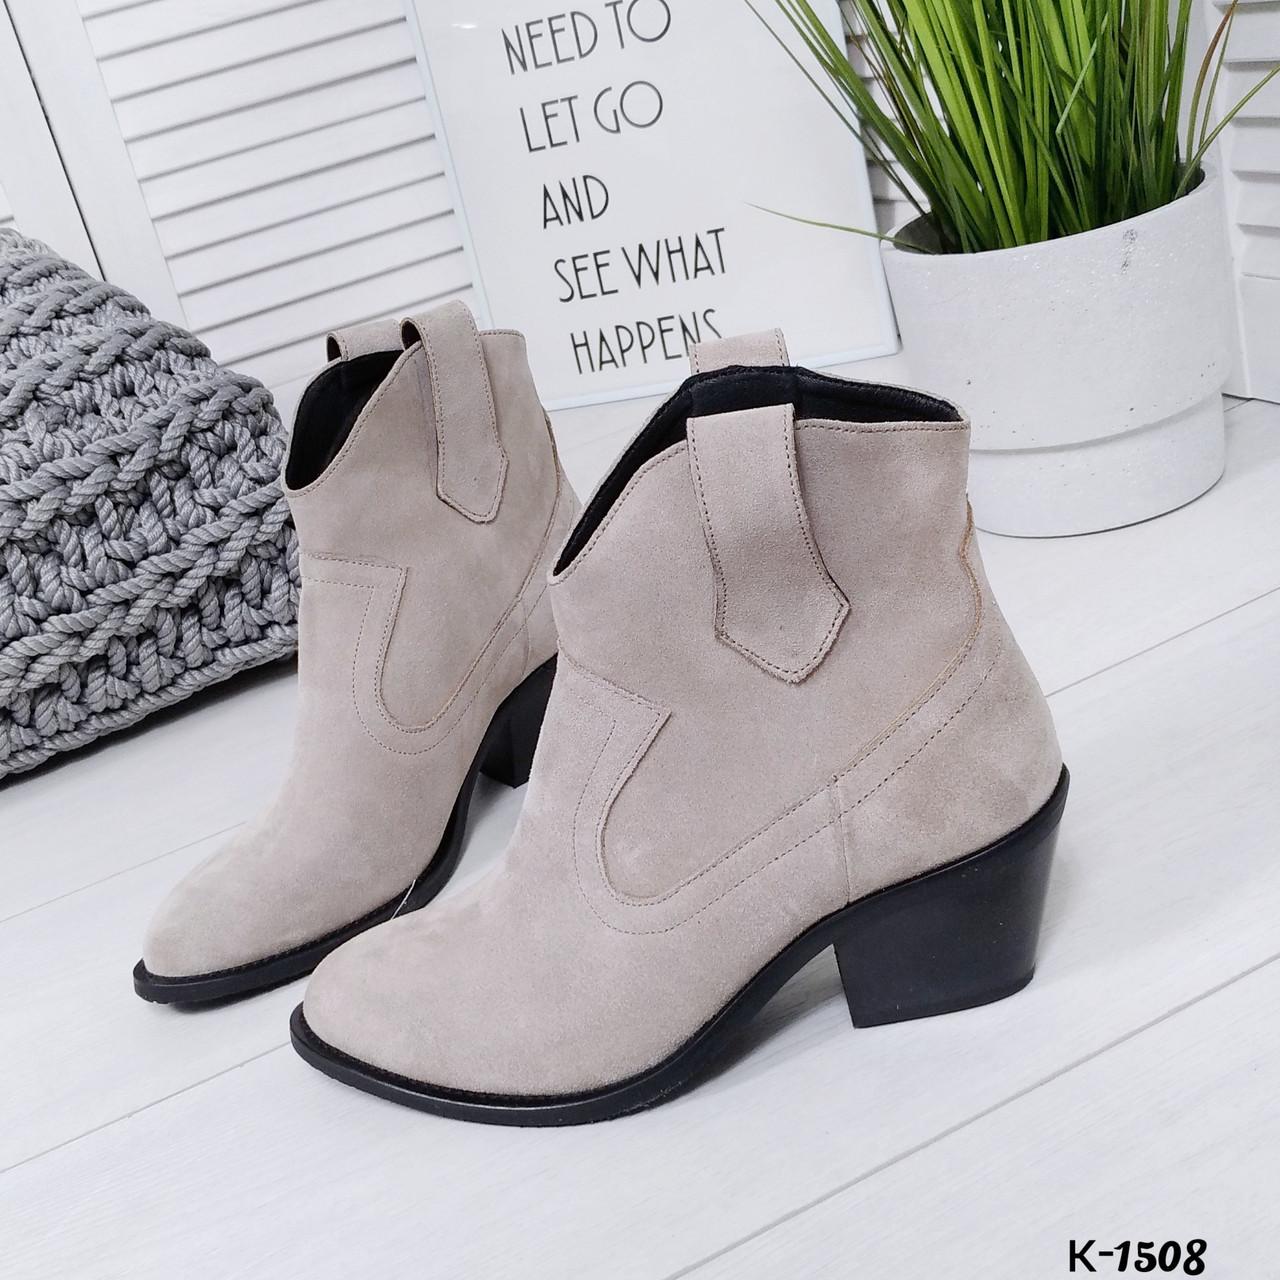 Женские зимние ботинки казаки серого цвета, натуральная замша(в наличии и под заказ 7-16дней)